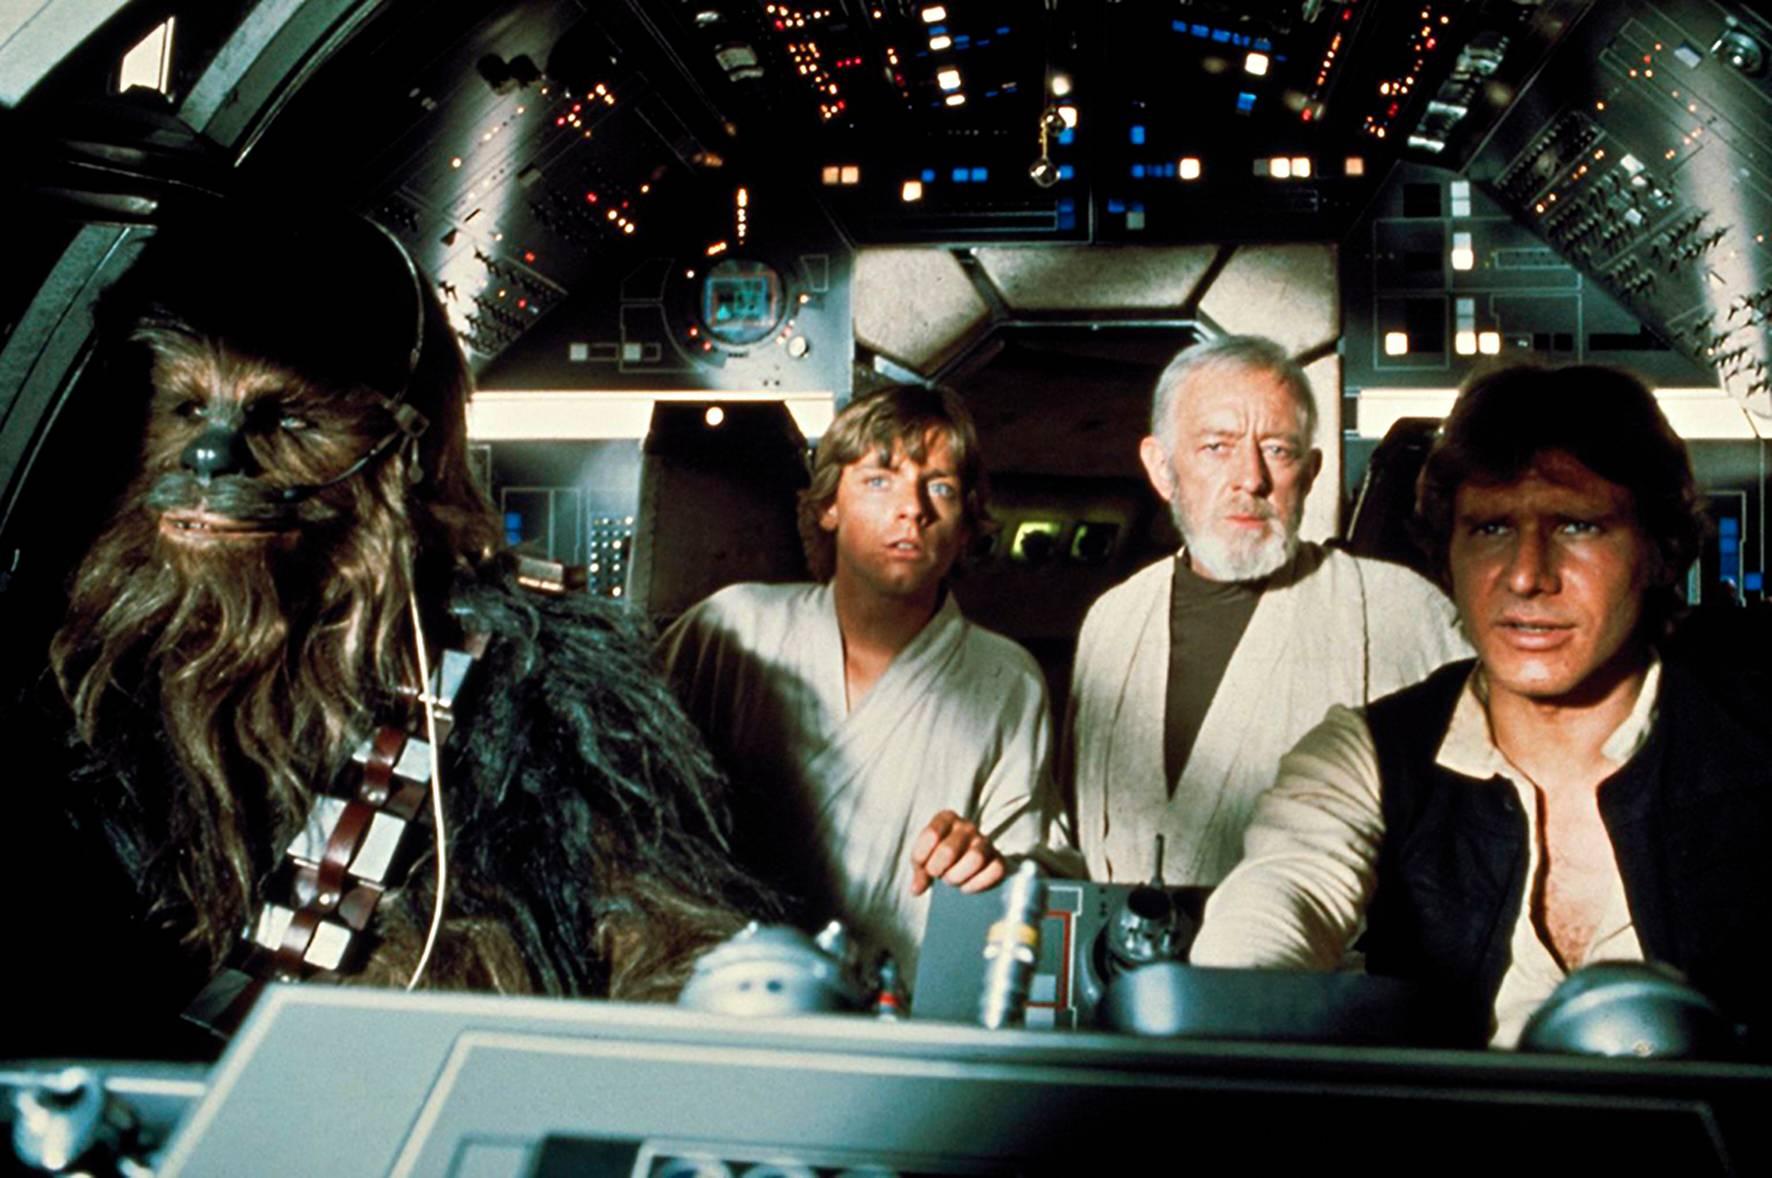 Ensimmäinen Tähtien sota -elokuva tuli ensi-iltaan 25. toukokuuta 1977.